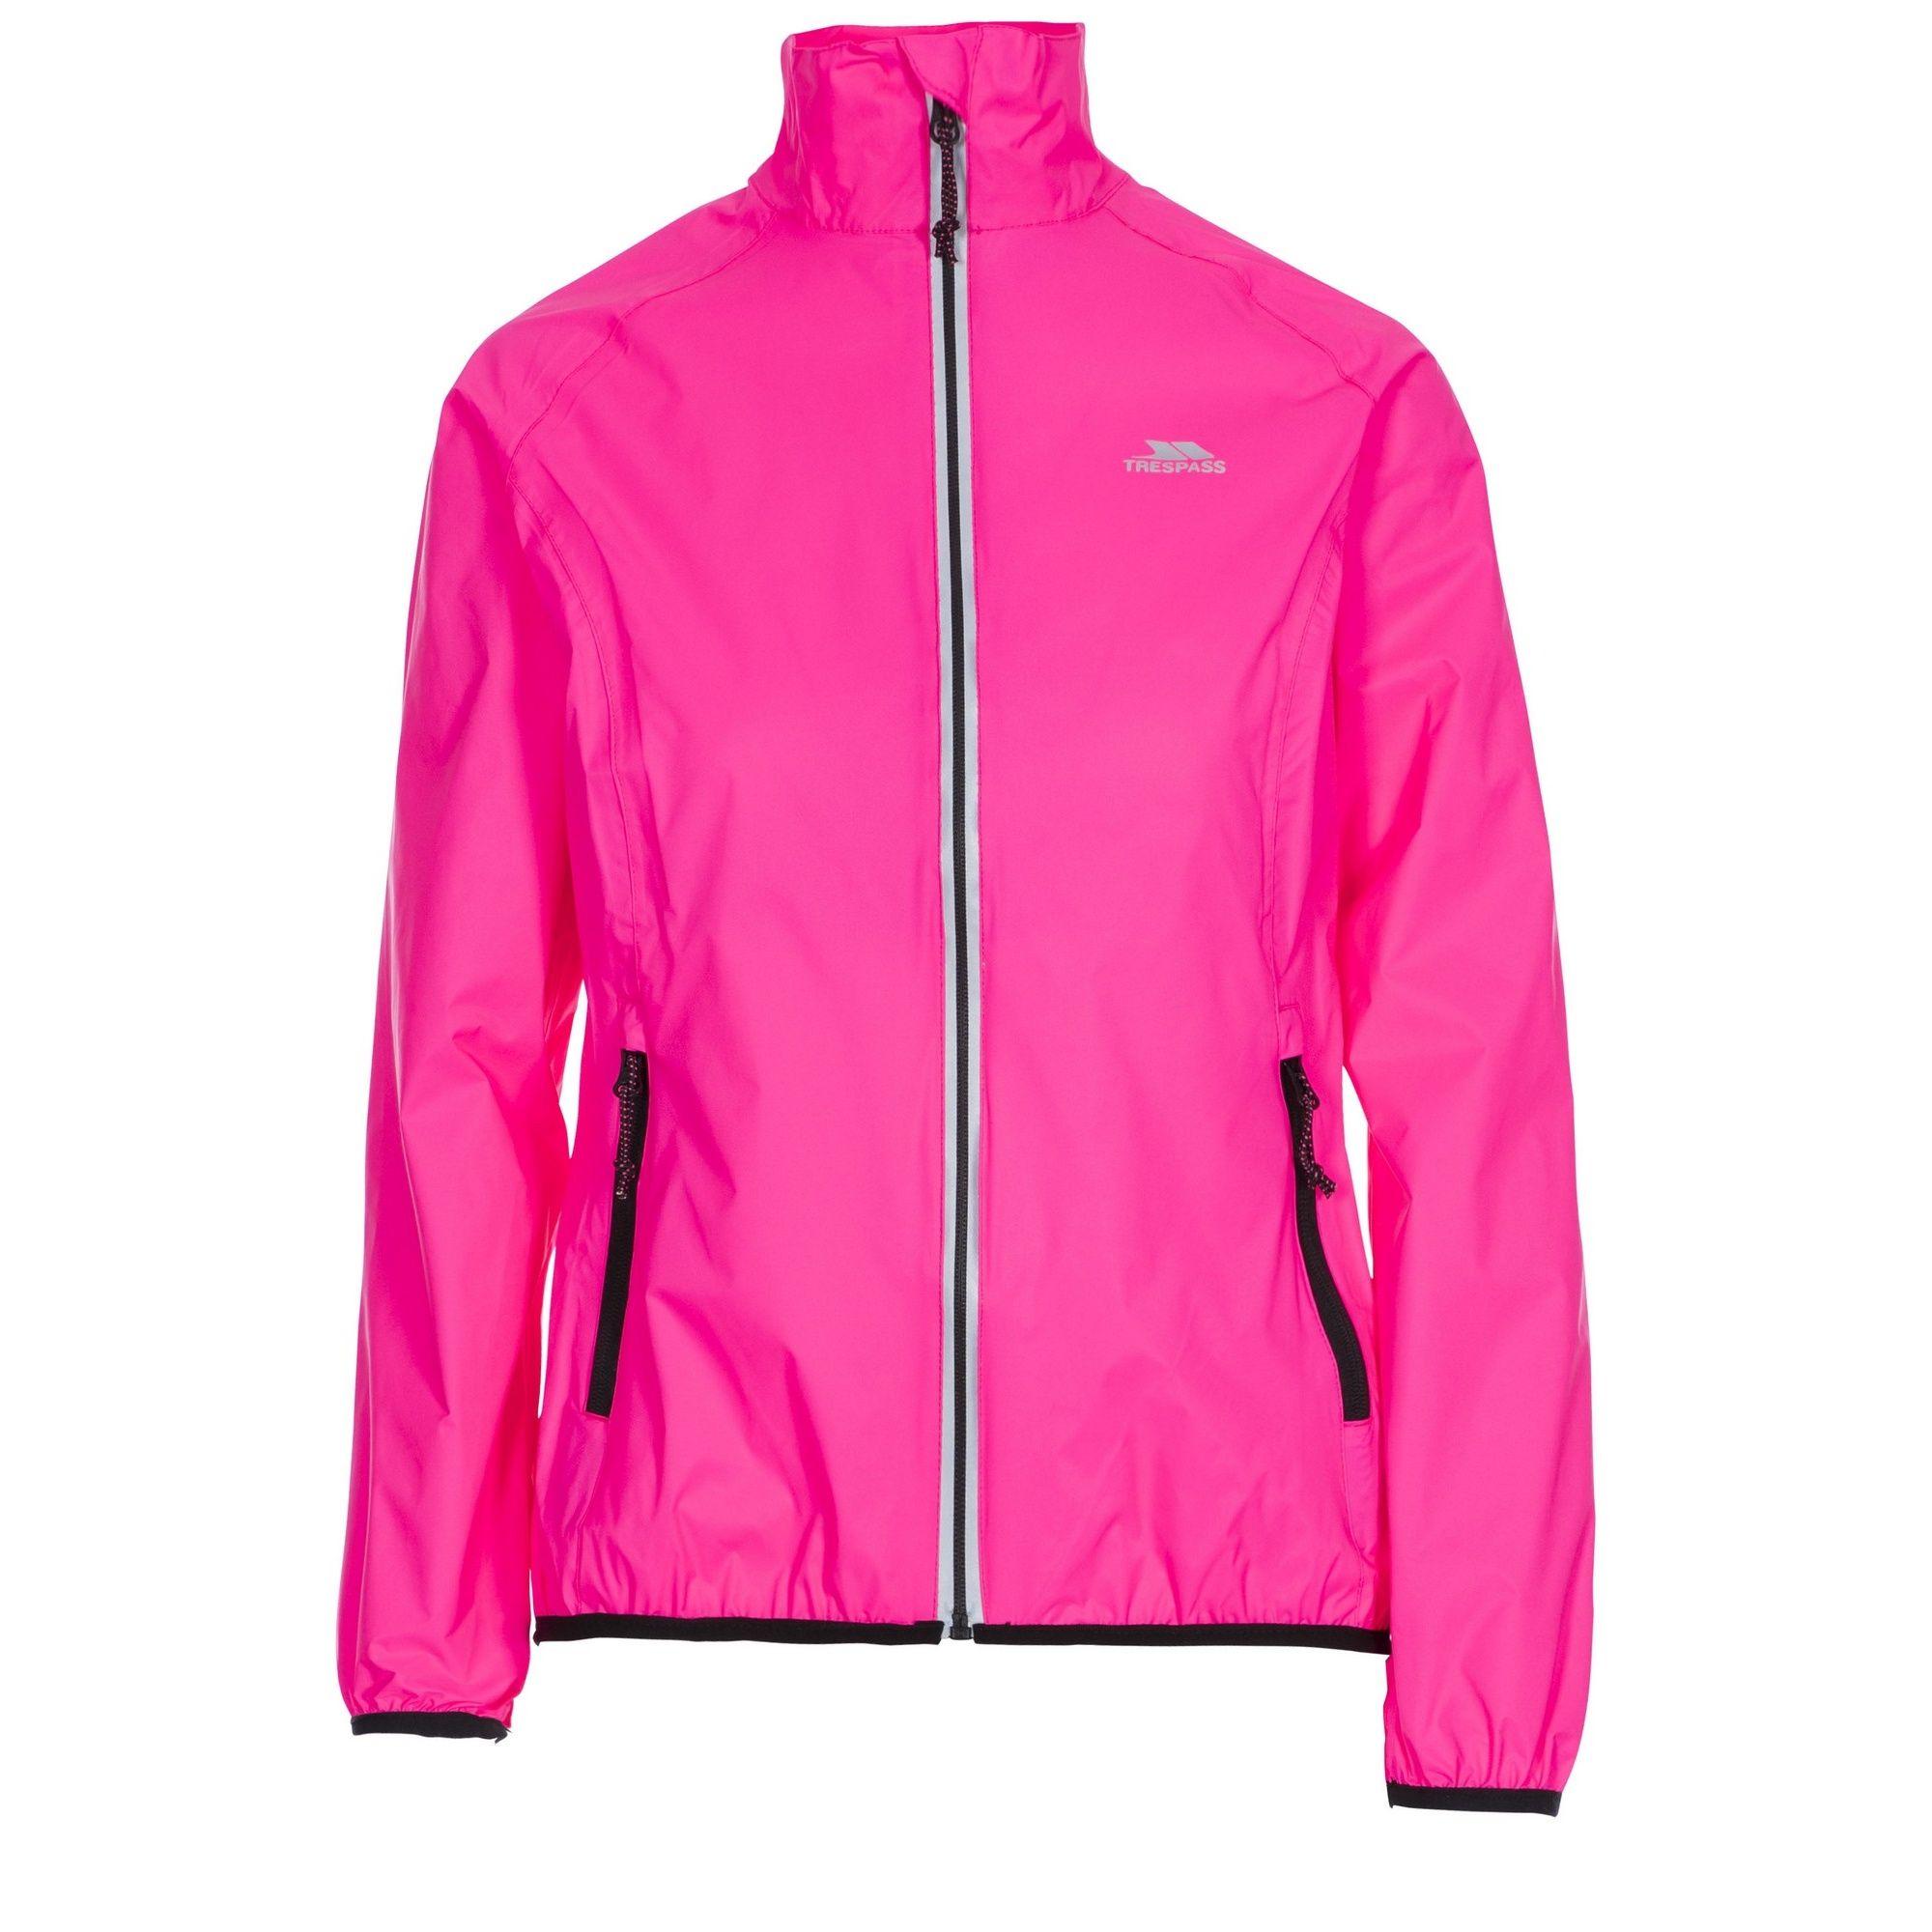 Trespass Womens/Ladies Beaming Packaway Hi-Vis Jacket